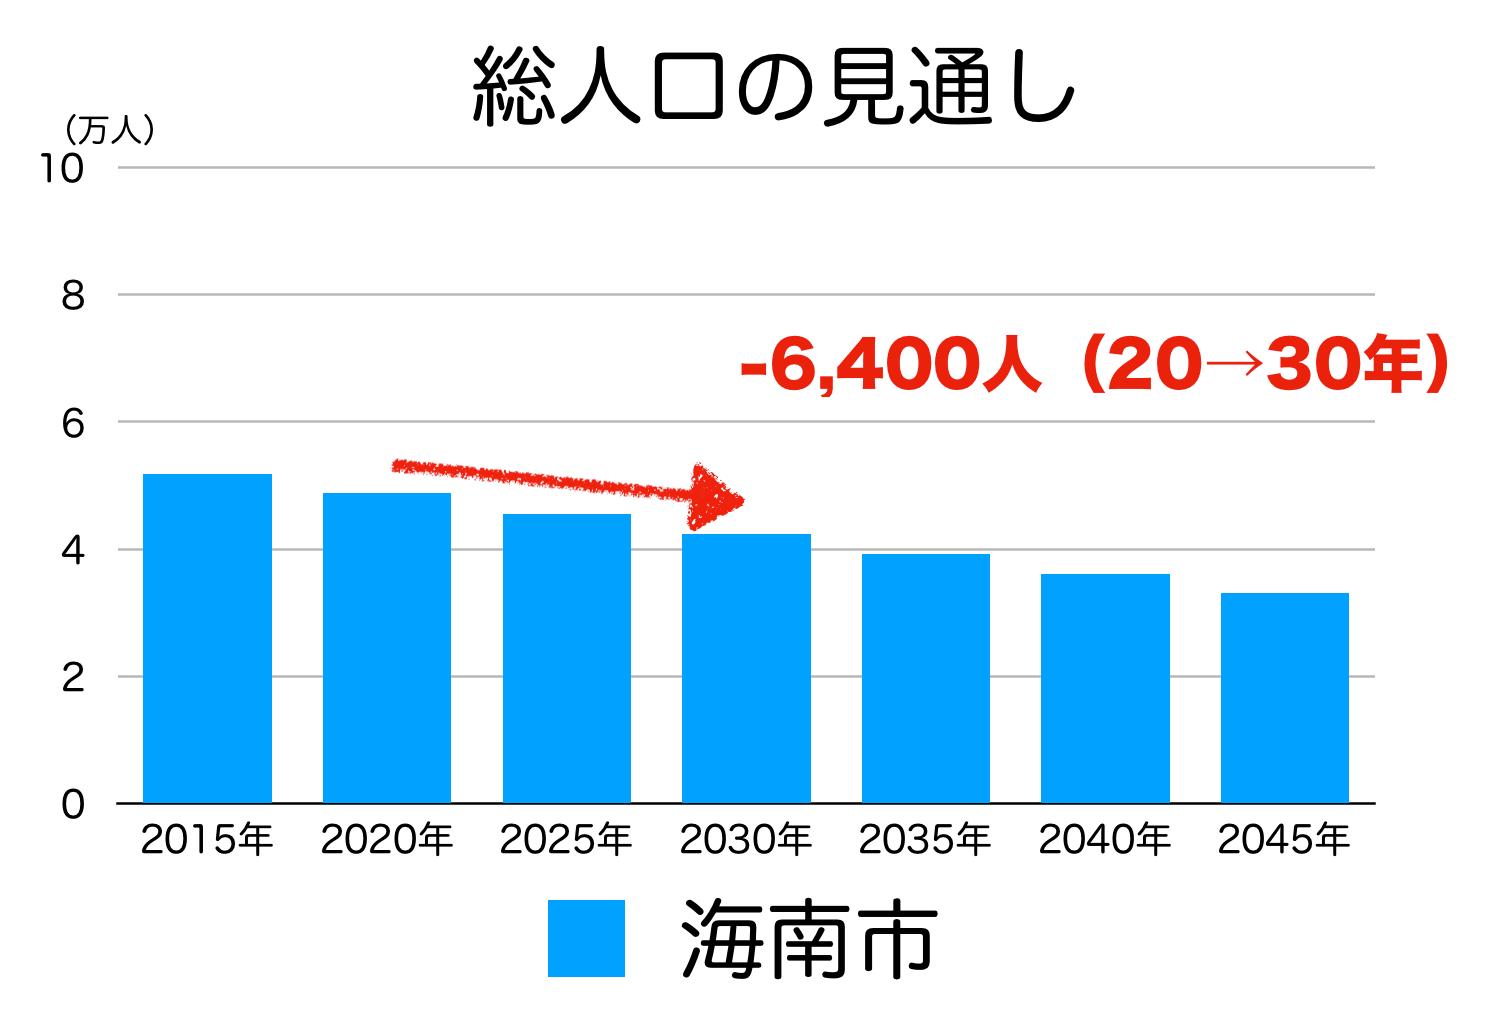 海南市の人口予測